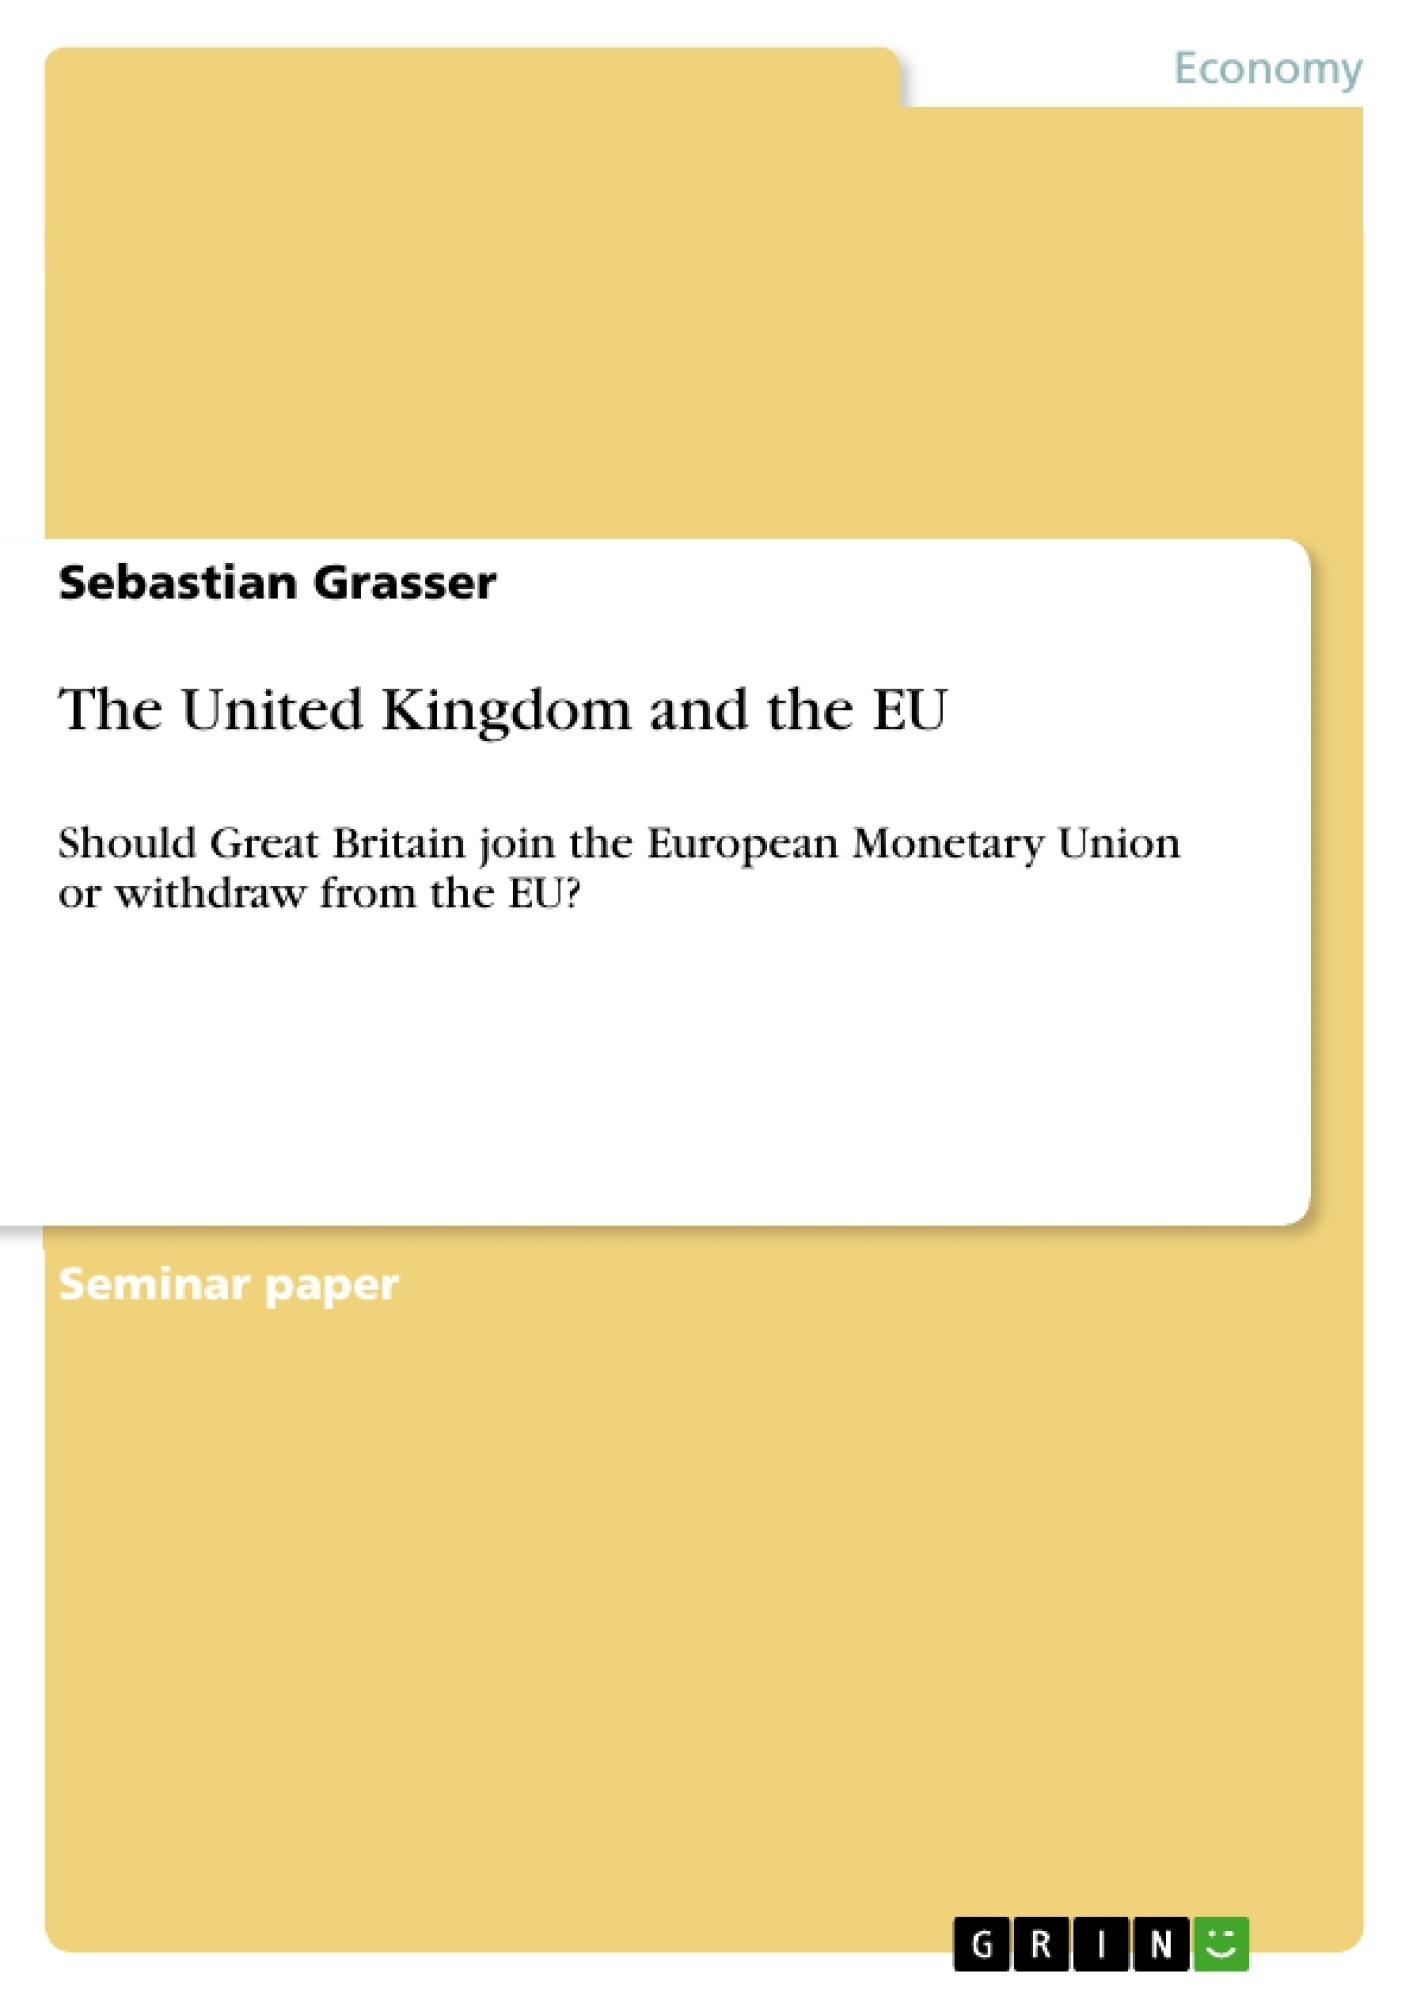 Title: The United Kingdom and the EU